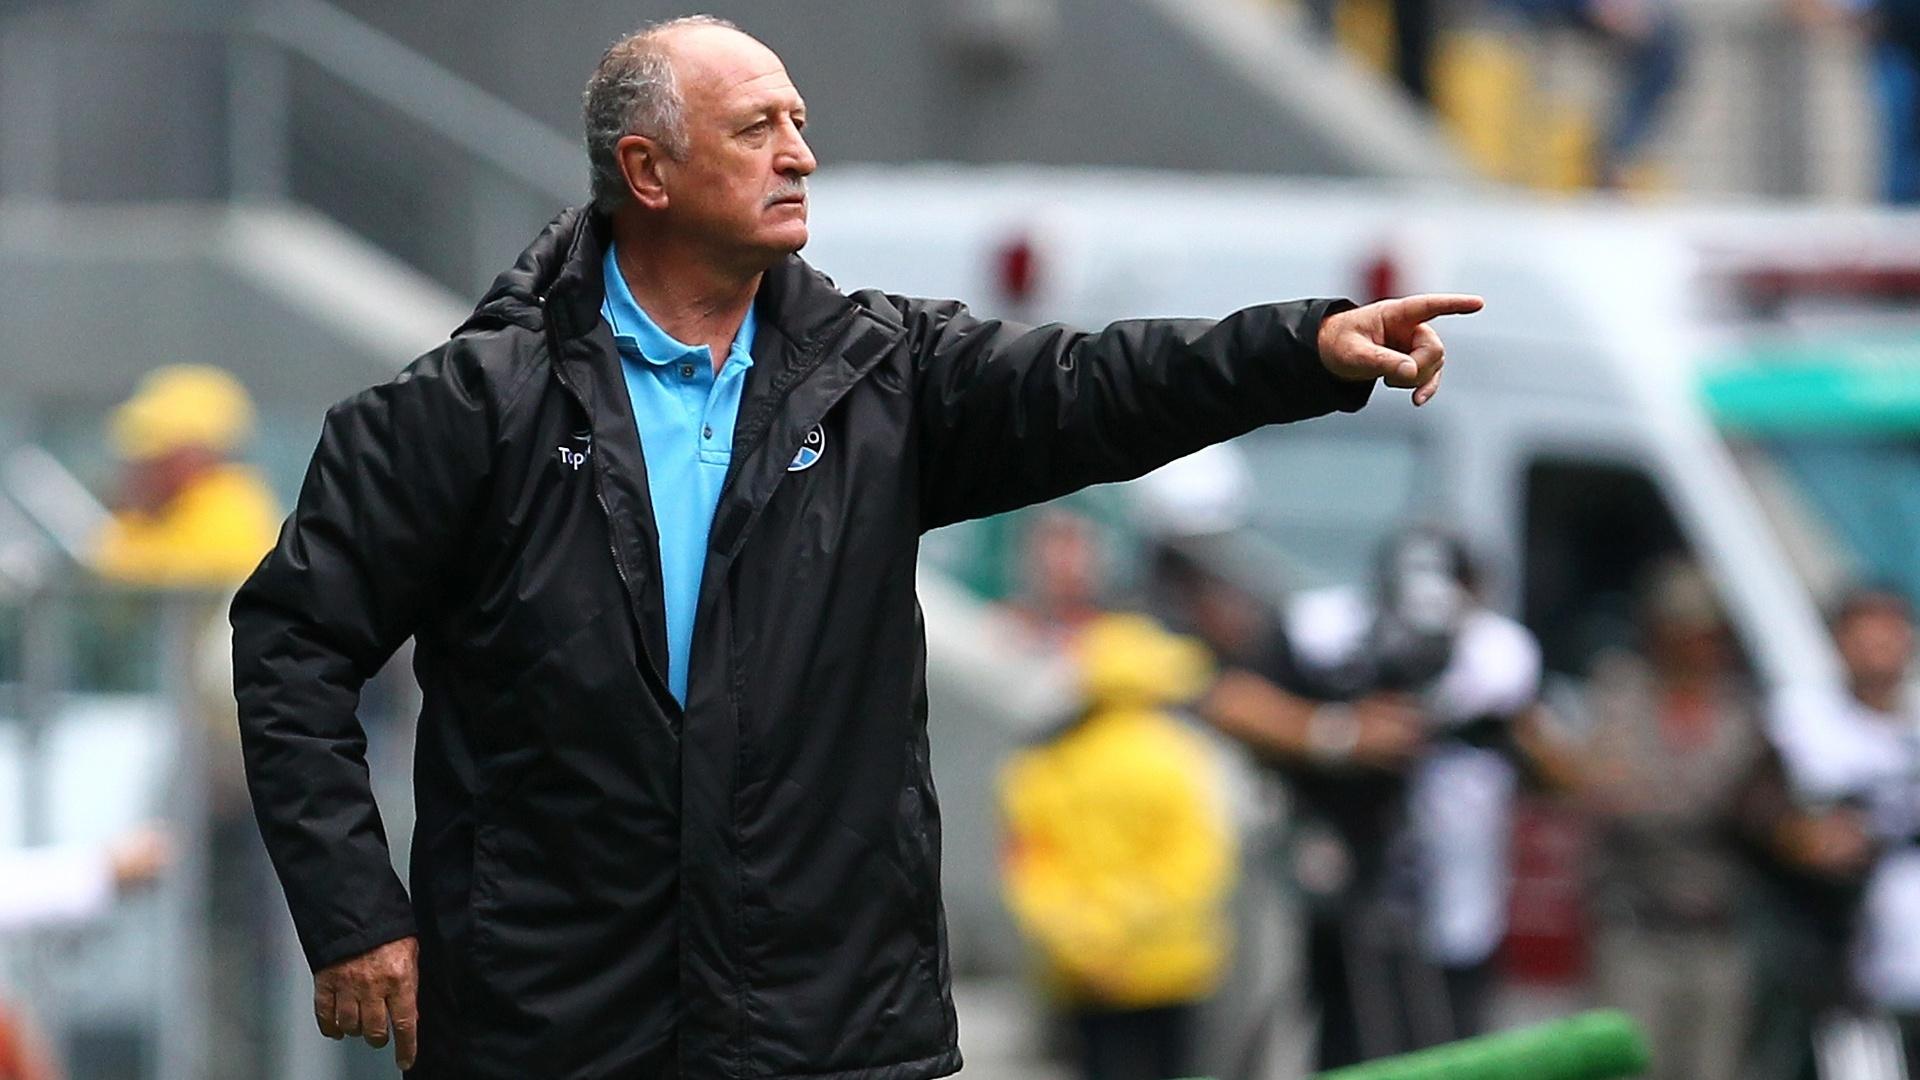 Técnico Felipão orienta os jogadores do Grêmio durante partida do Brasileirão contra o Criciúma